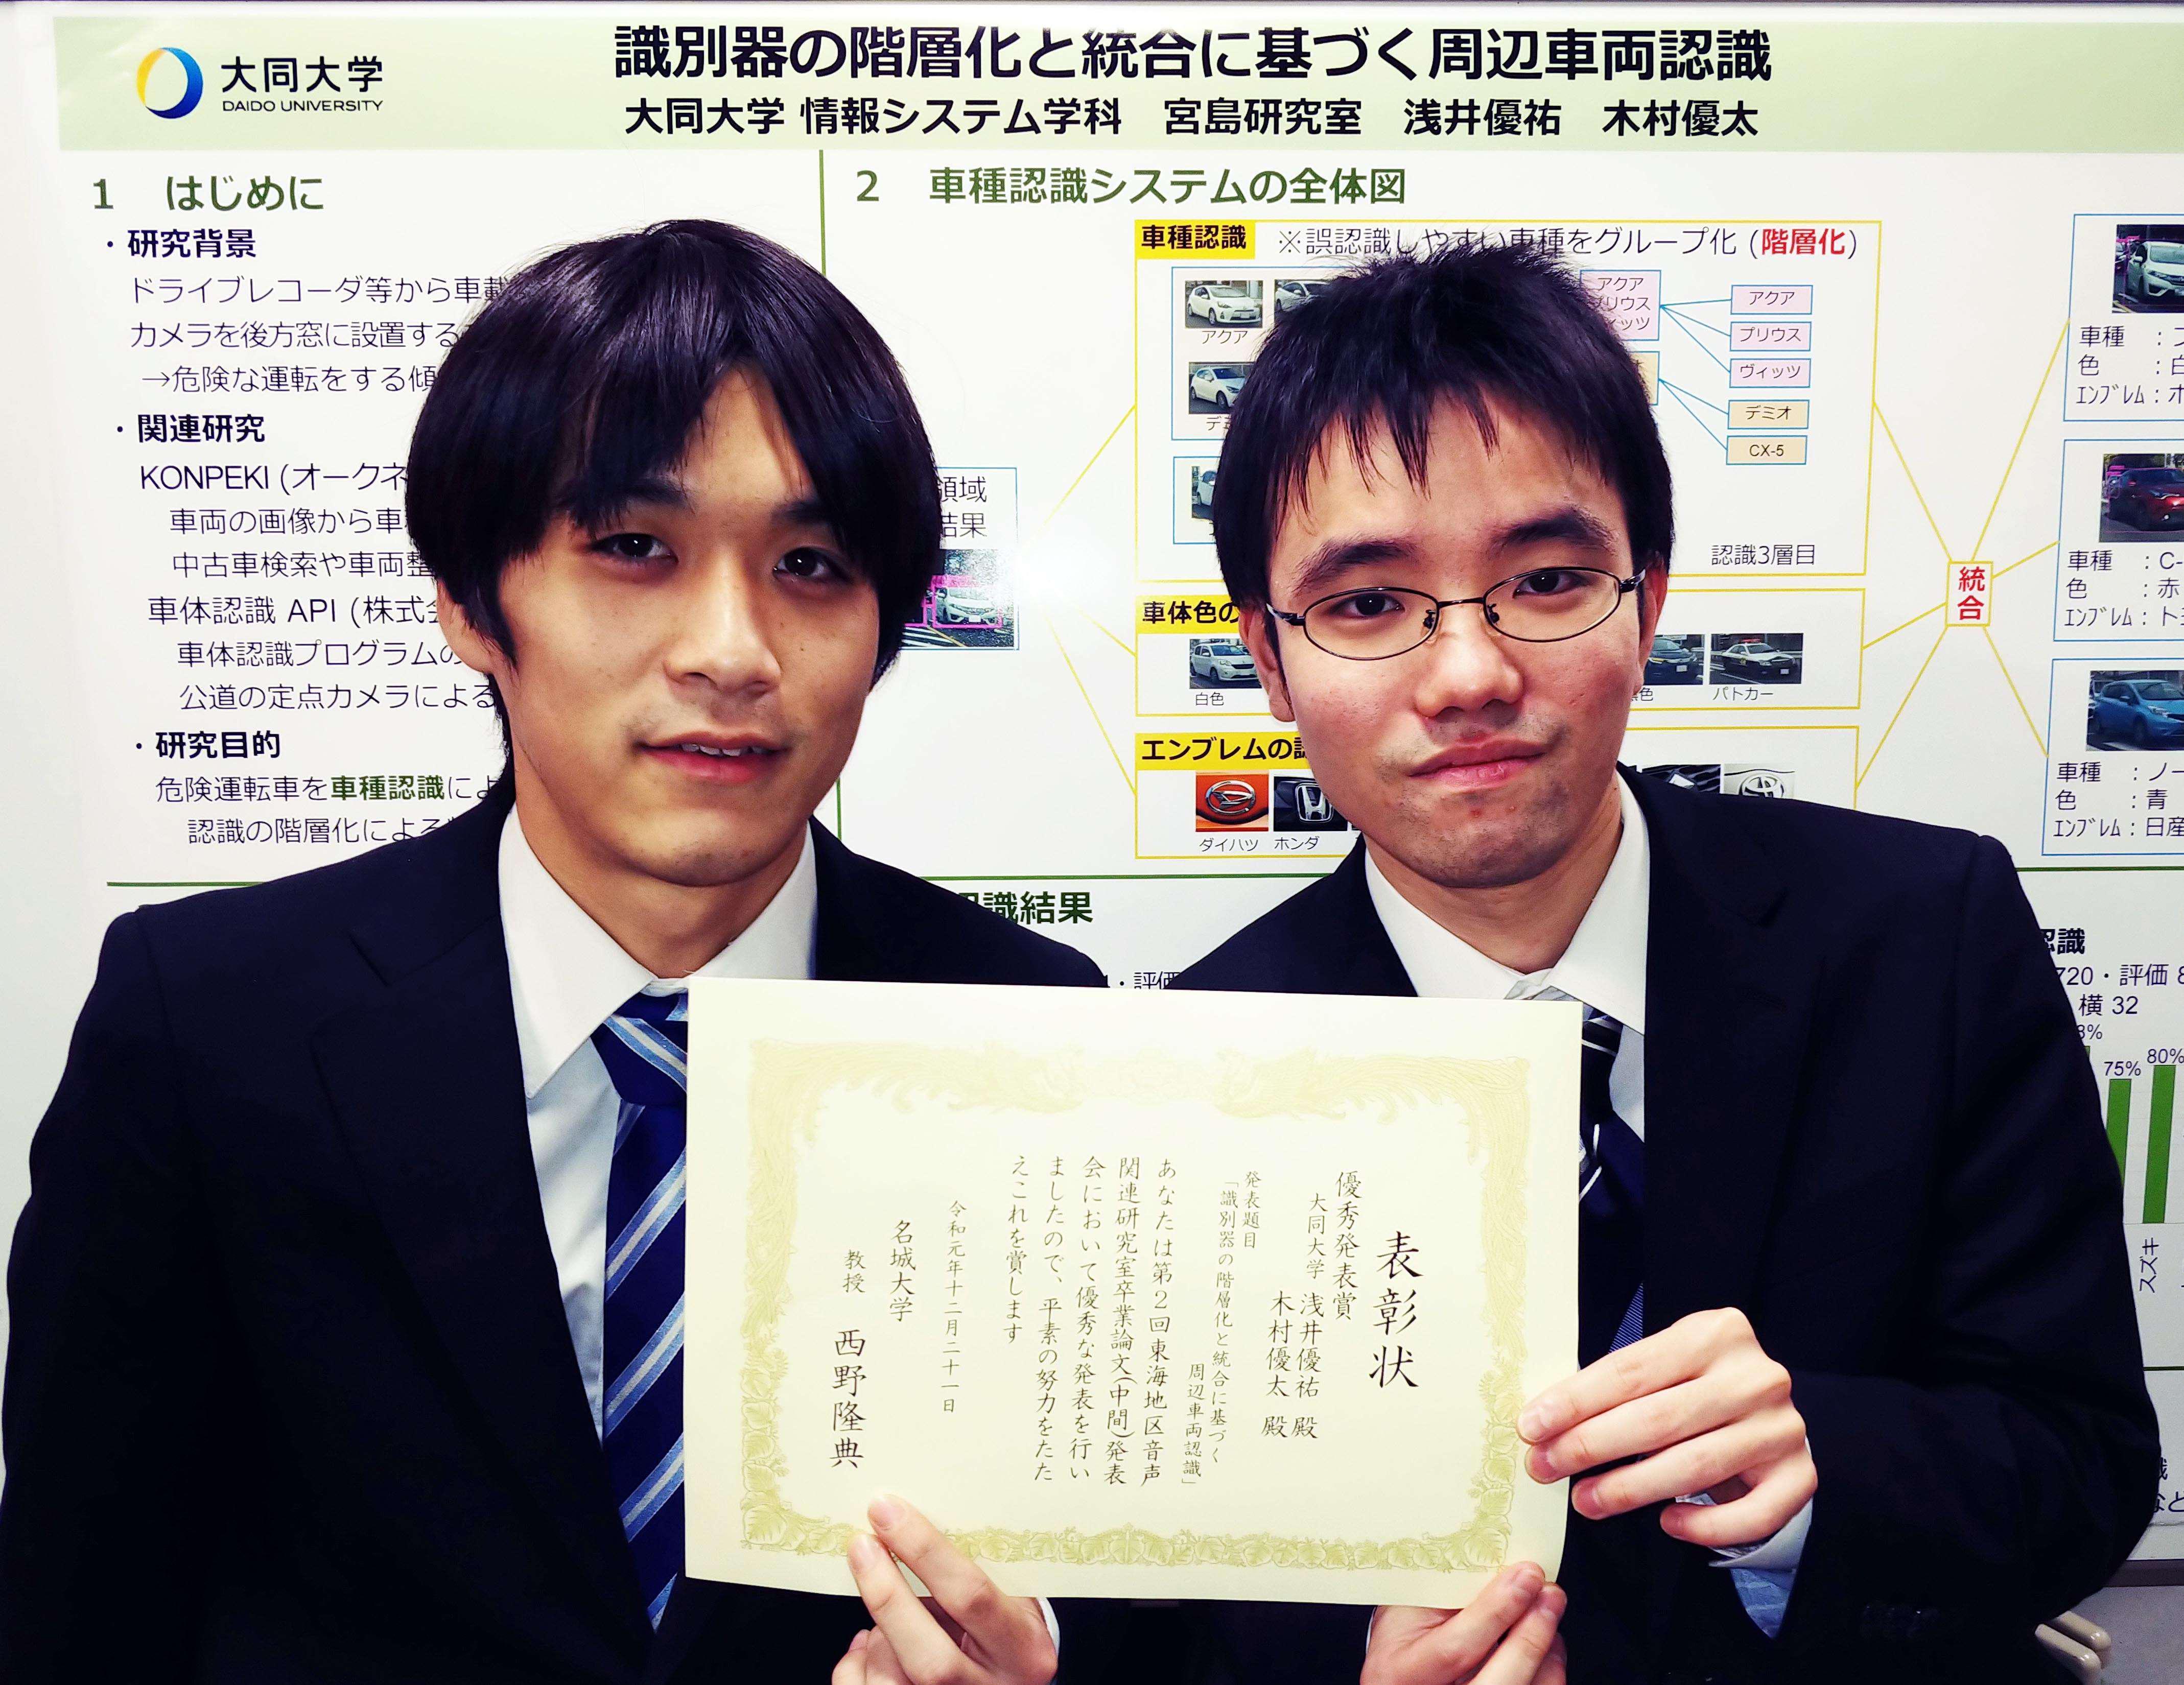 受賞した浅井さん(右)と木村さん(左)